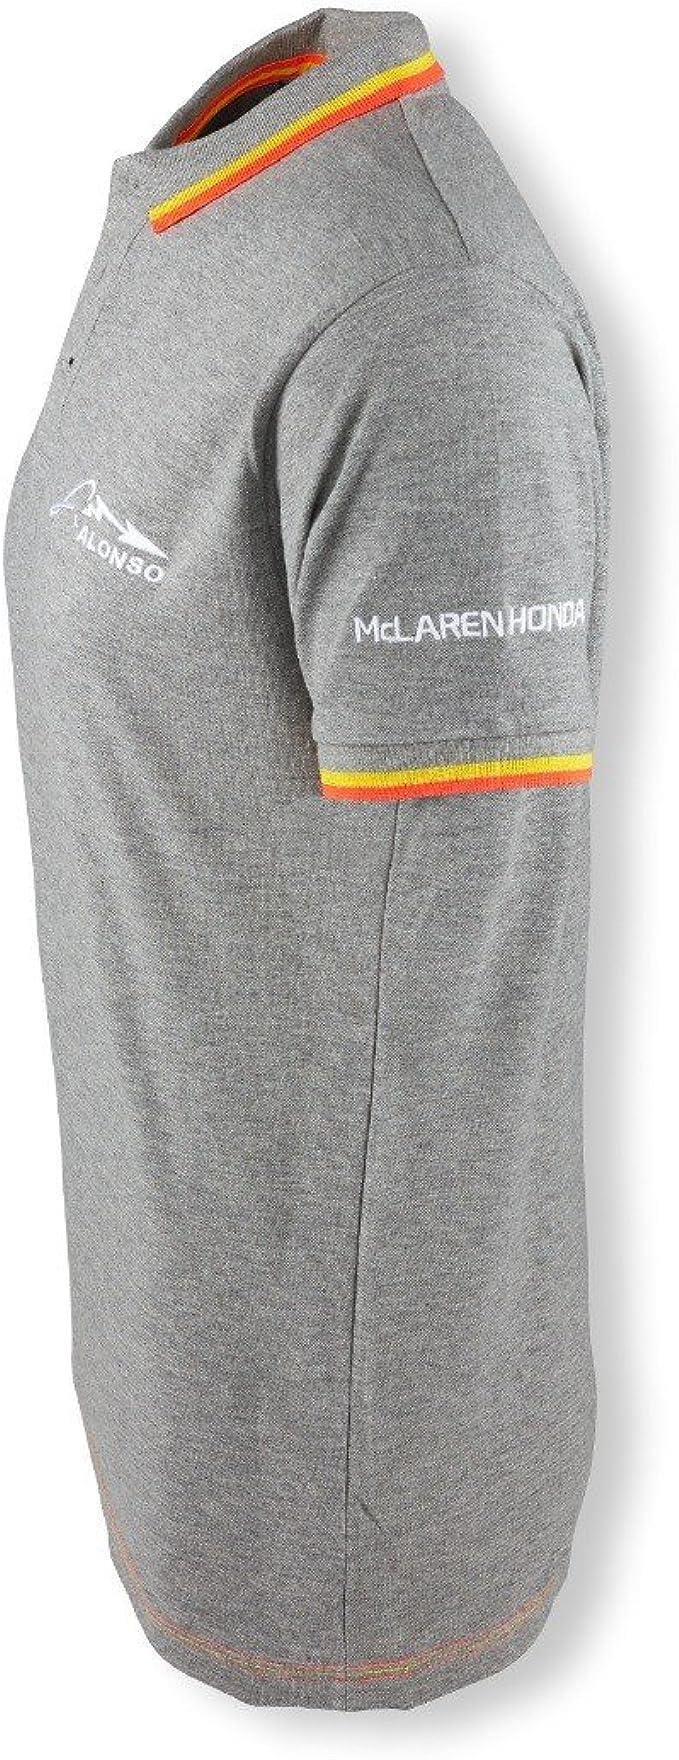 McLaren Official 2018 Fernando Alonso T Shirt Tee Top Cotton Kids Fanatics